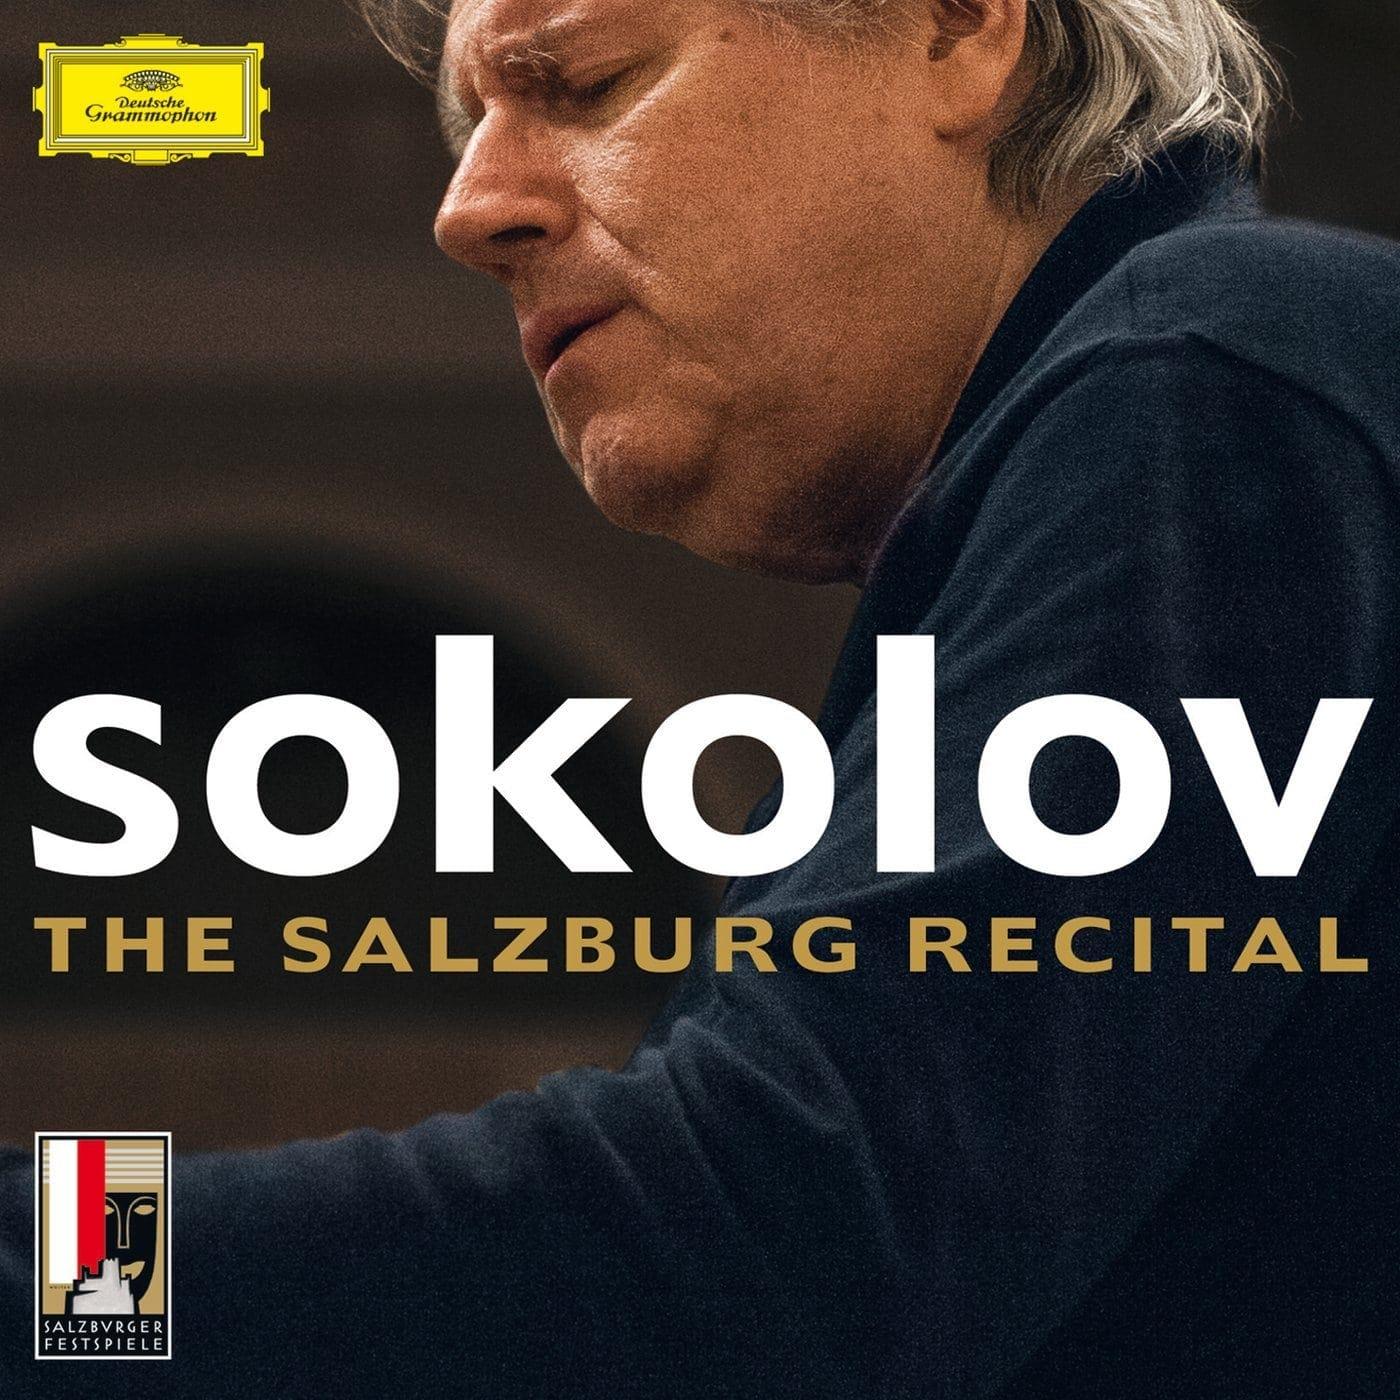 Пианист Григорий Соколов выпустил новый диск на студии Deutsche Grammophon